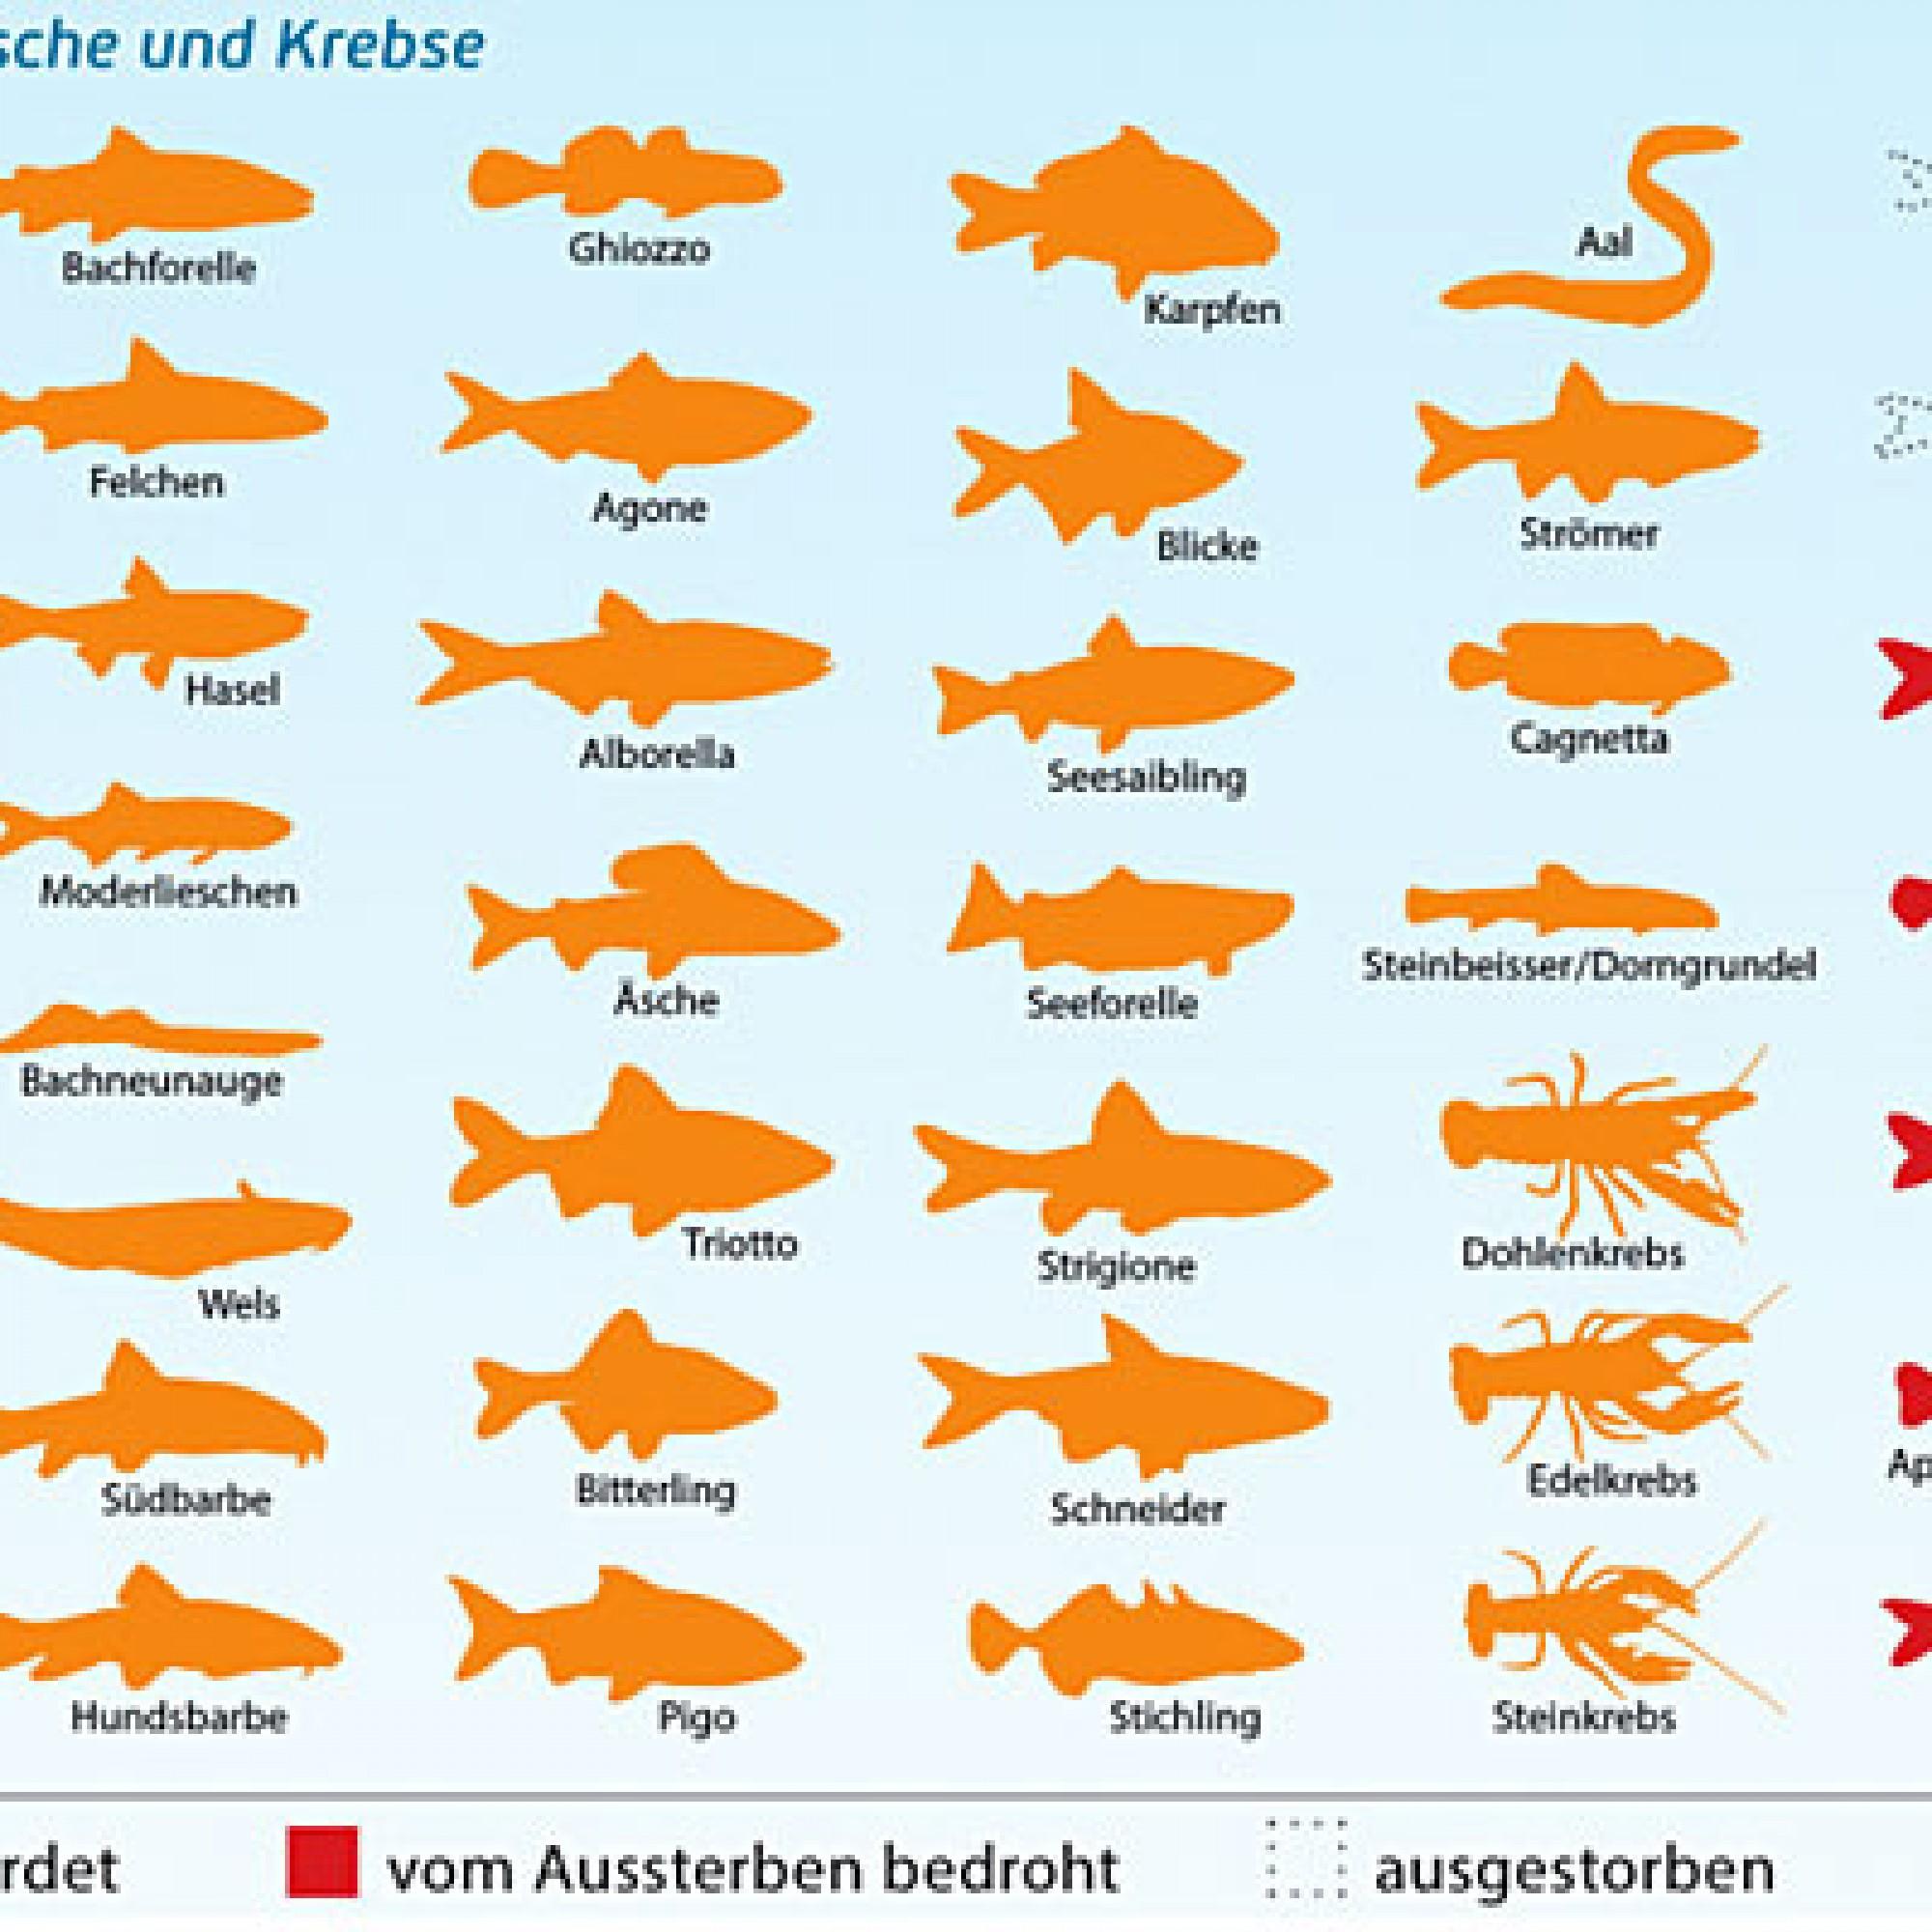 Schweizer Fischfauna (Bild: Aqua Viva)